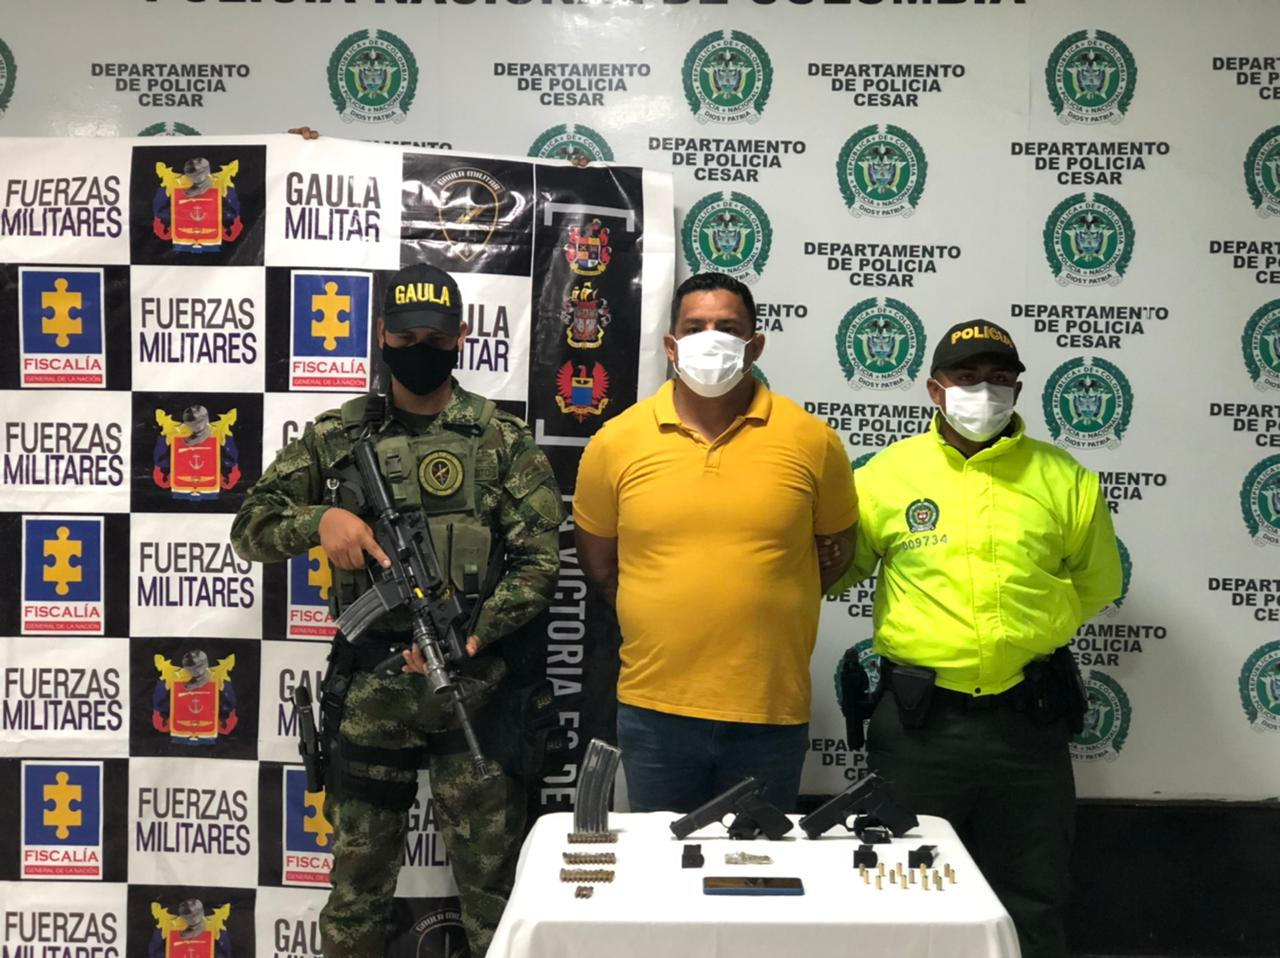 hoyennoticia.com, Sargento Viceprimero (R) del ejército estaría implicado en robo de fusiles M4 al Gaula Militar